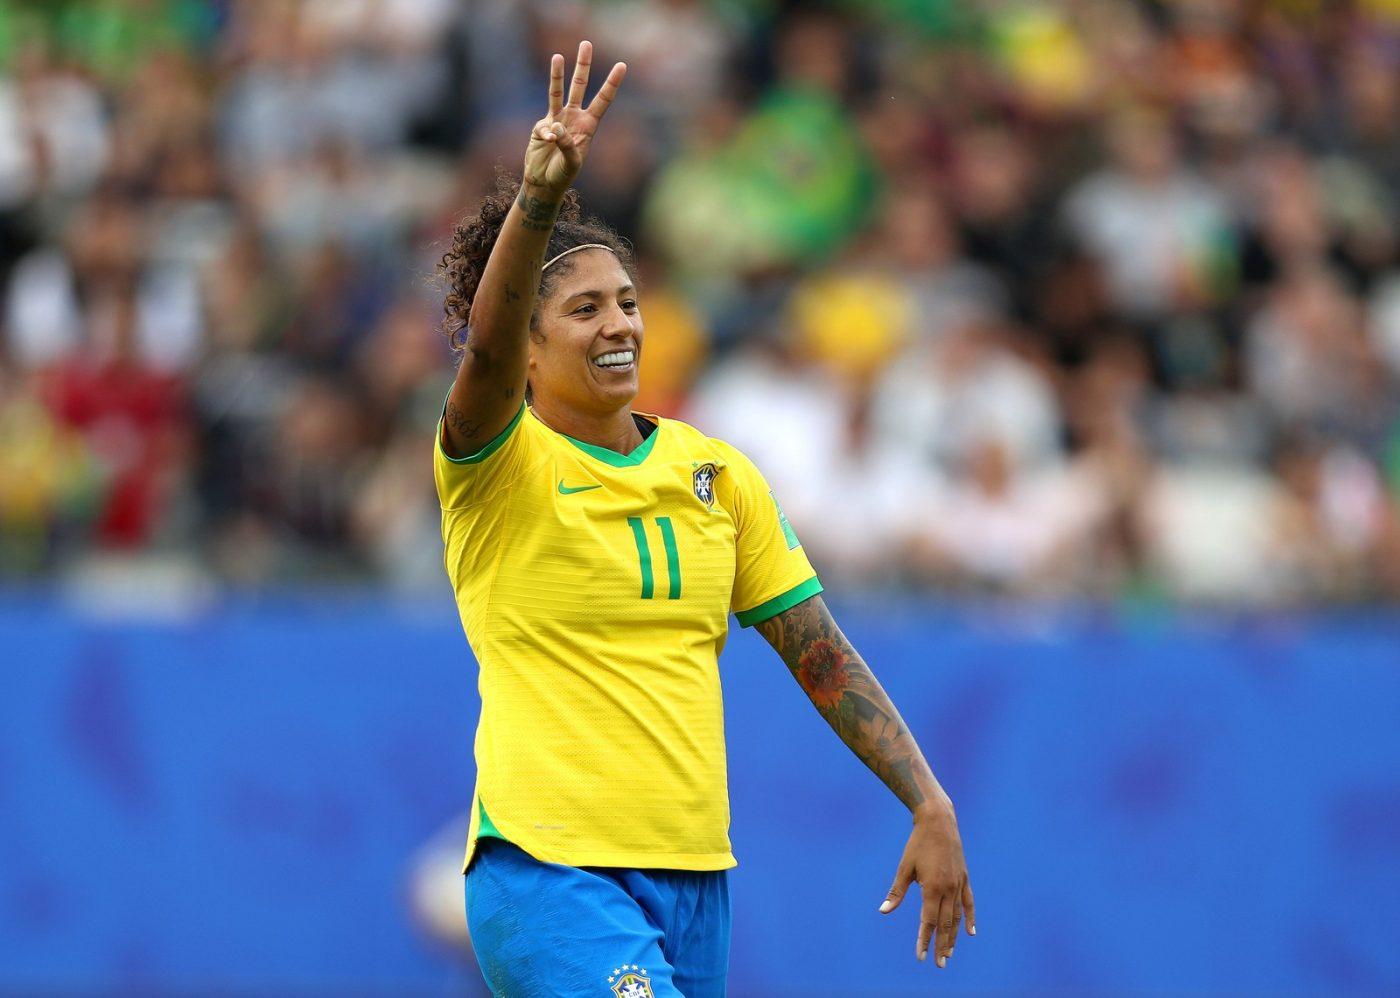 Copa do Mundo de Futebol Feminino de 2019: um sopro de esperança